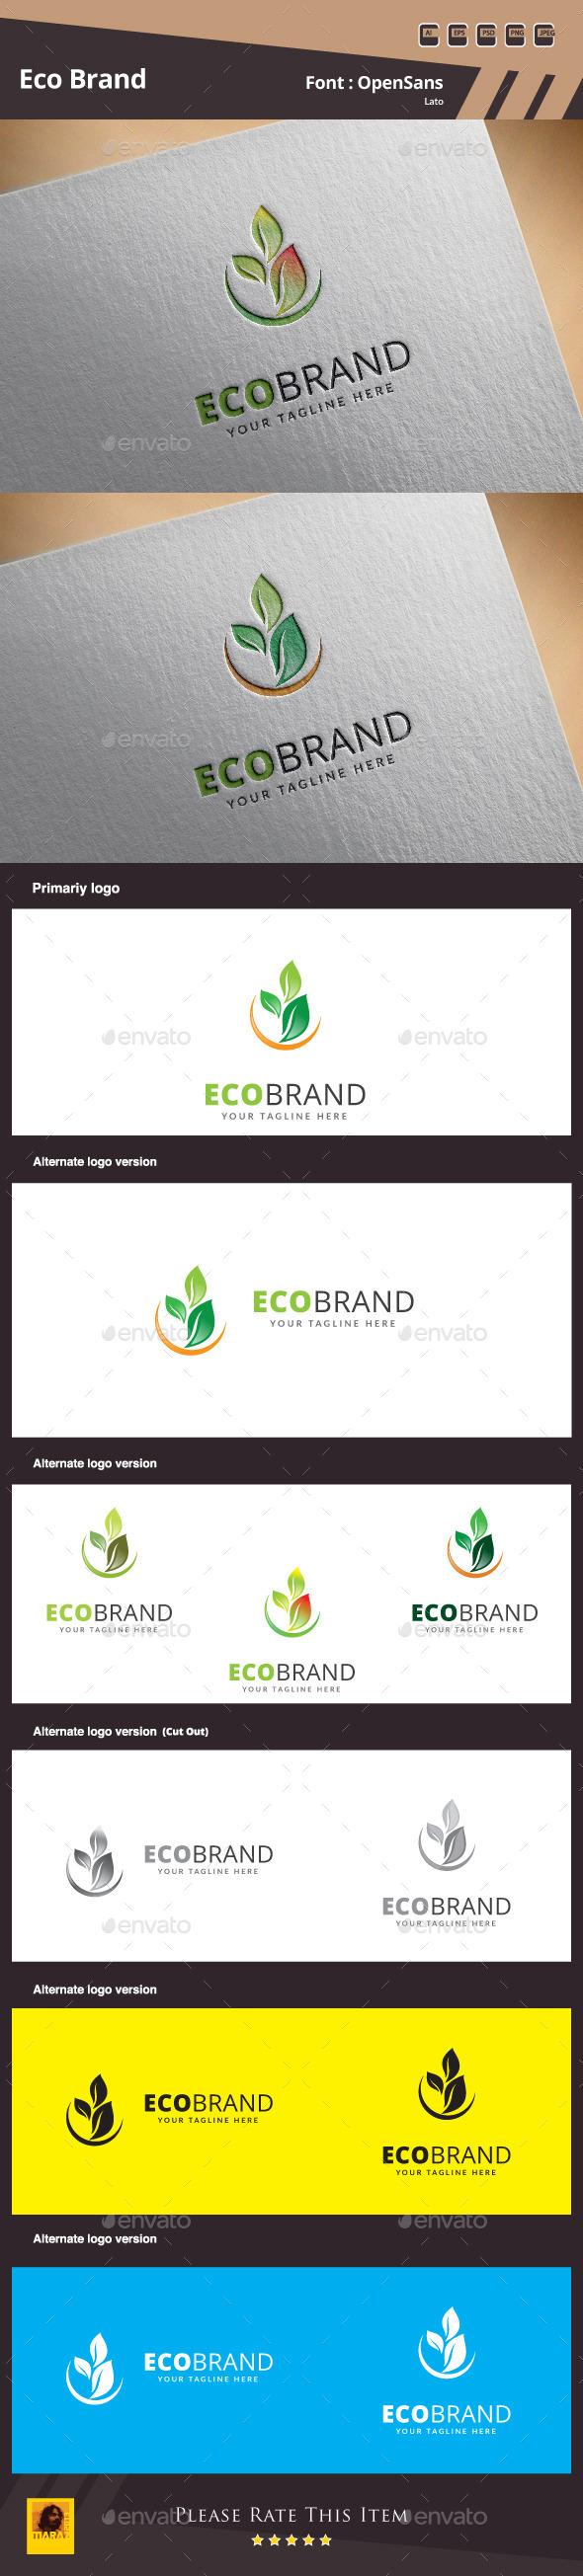 GraphicRiver Eco Brand Logo Template 11148856